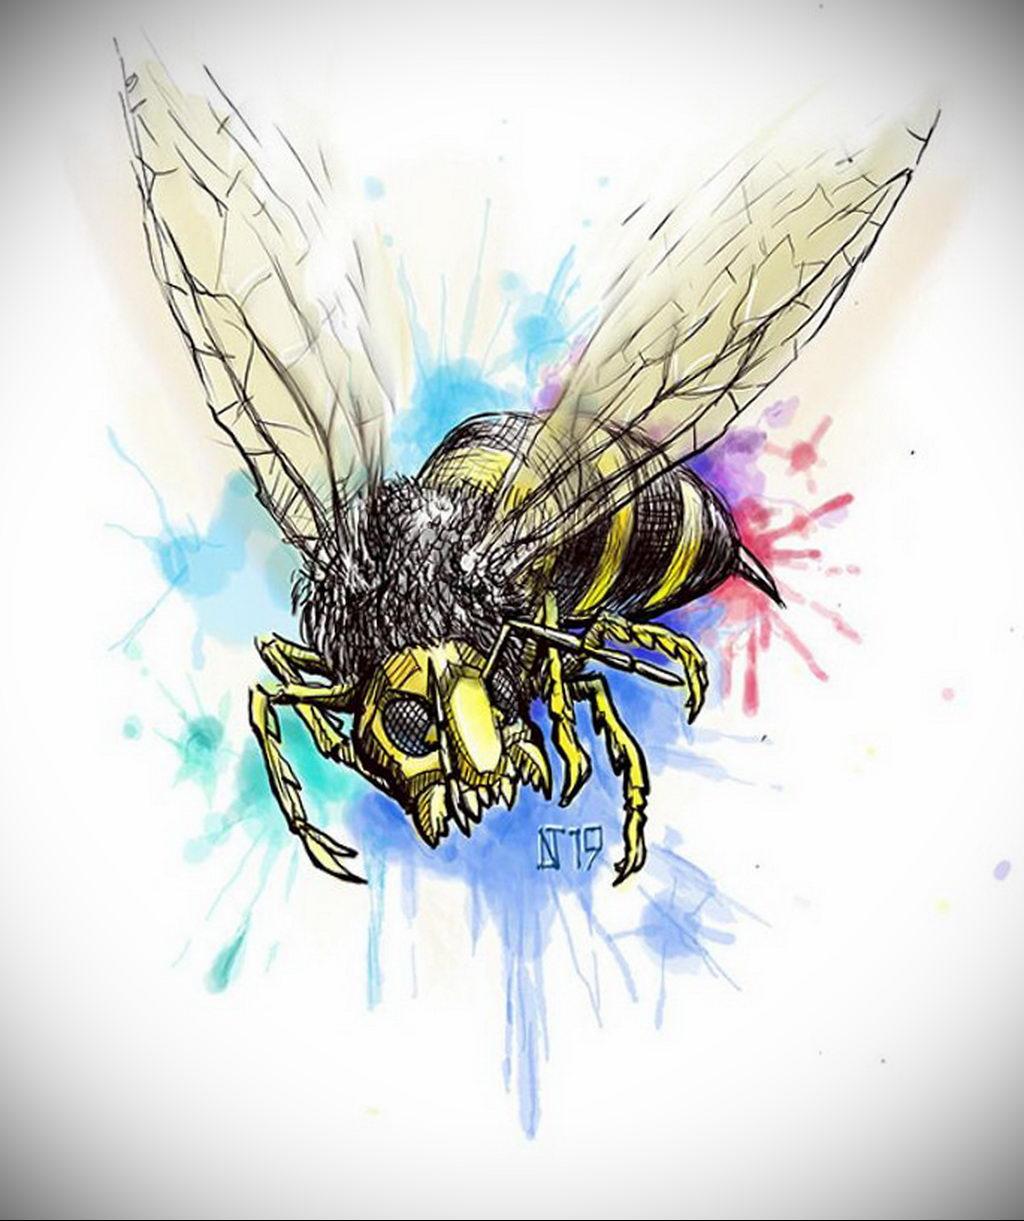 wasp tattoo sketch 07.01.2020 №3016 -wasp tattoo sketch- tatufoto.com